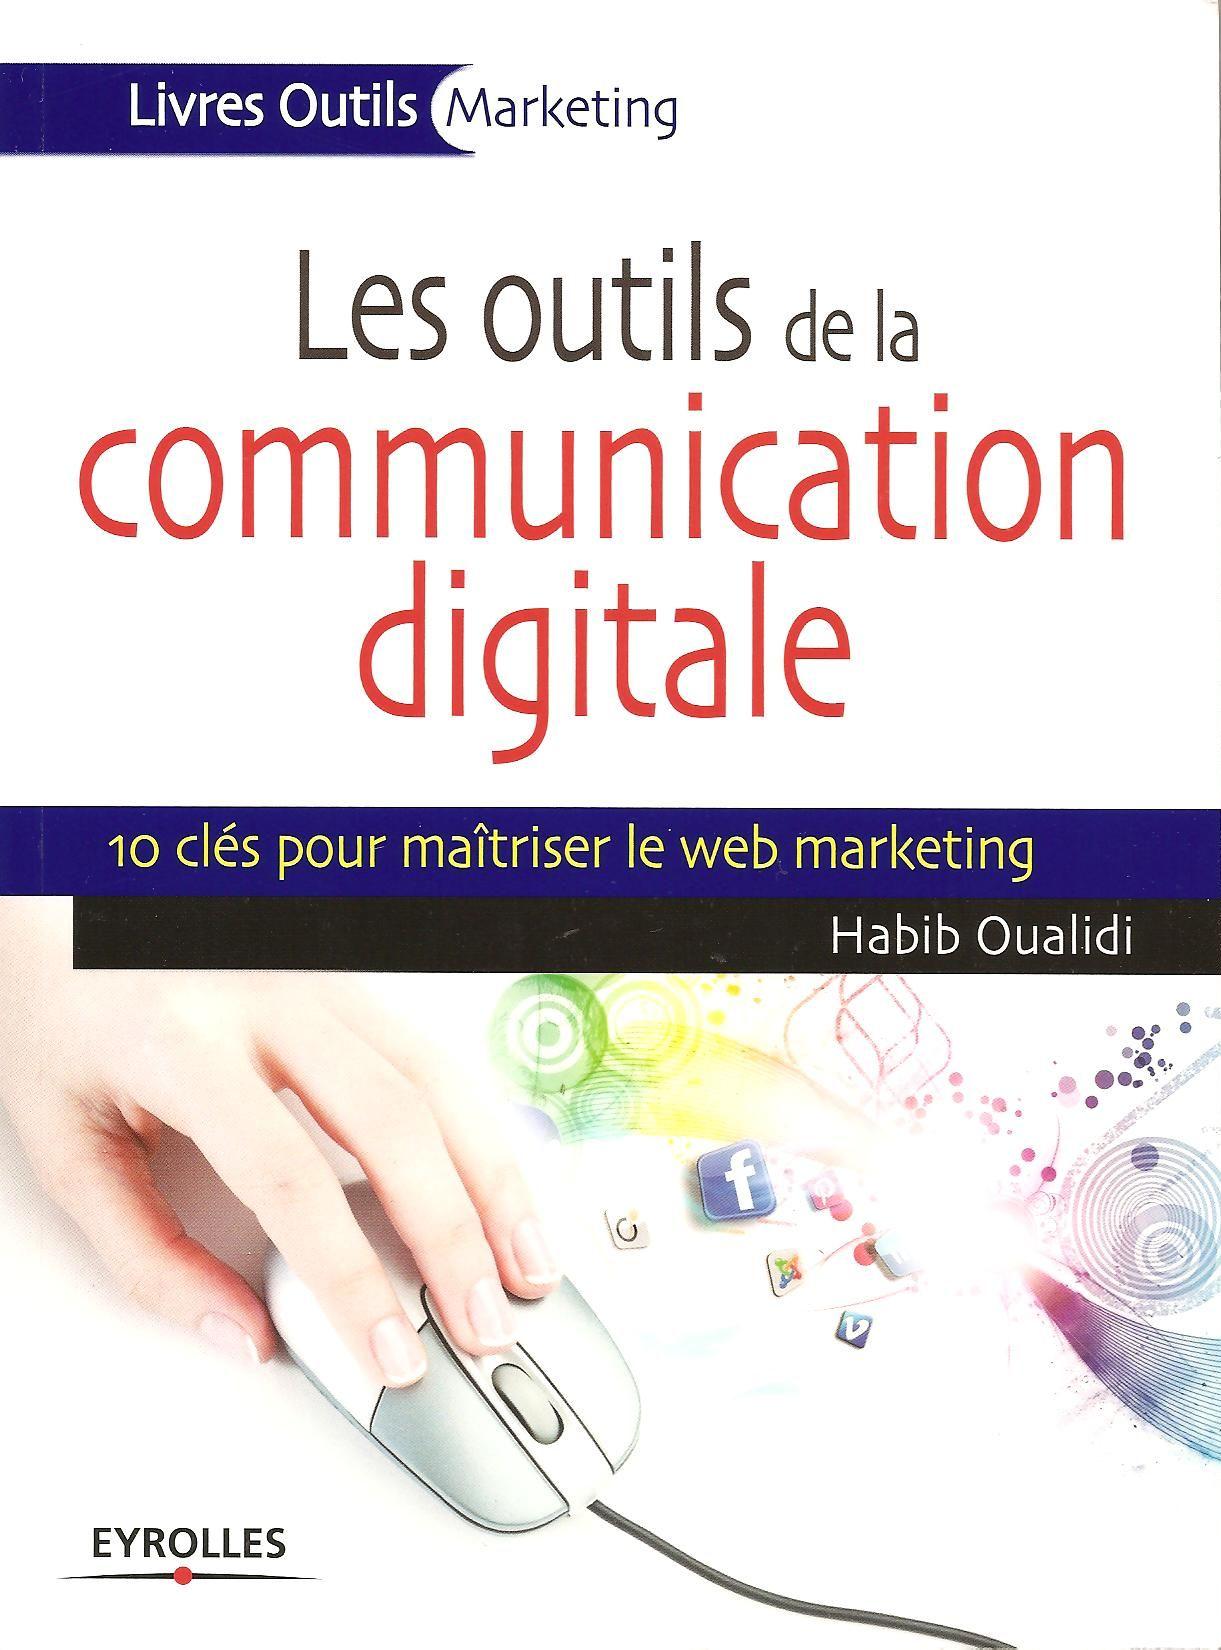 Les outils de la communication digitale, Habib Oualidi, Eyrolles